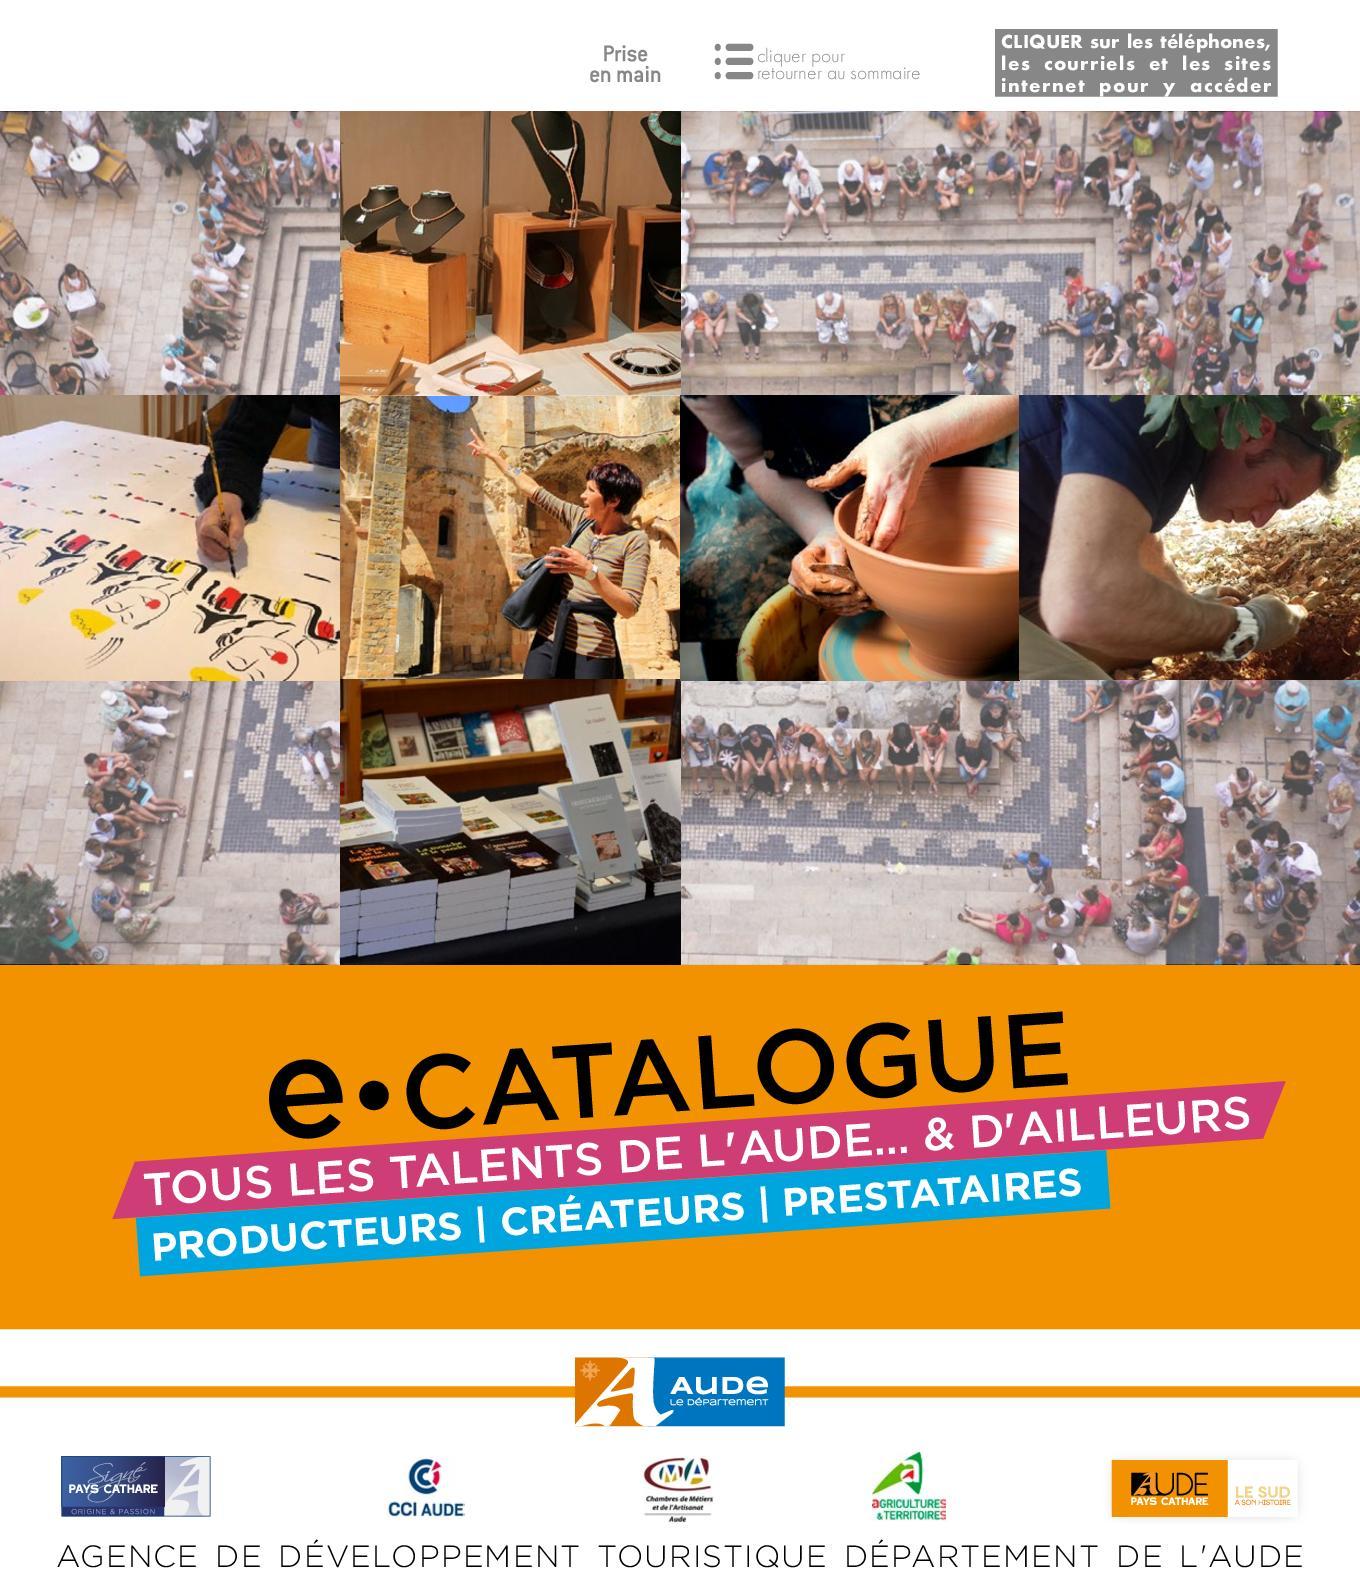 Tous Le Talents De L'Aude et d'Ailleurs